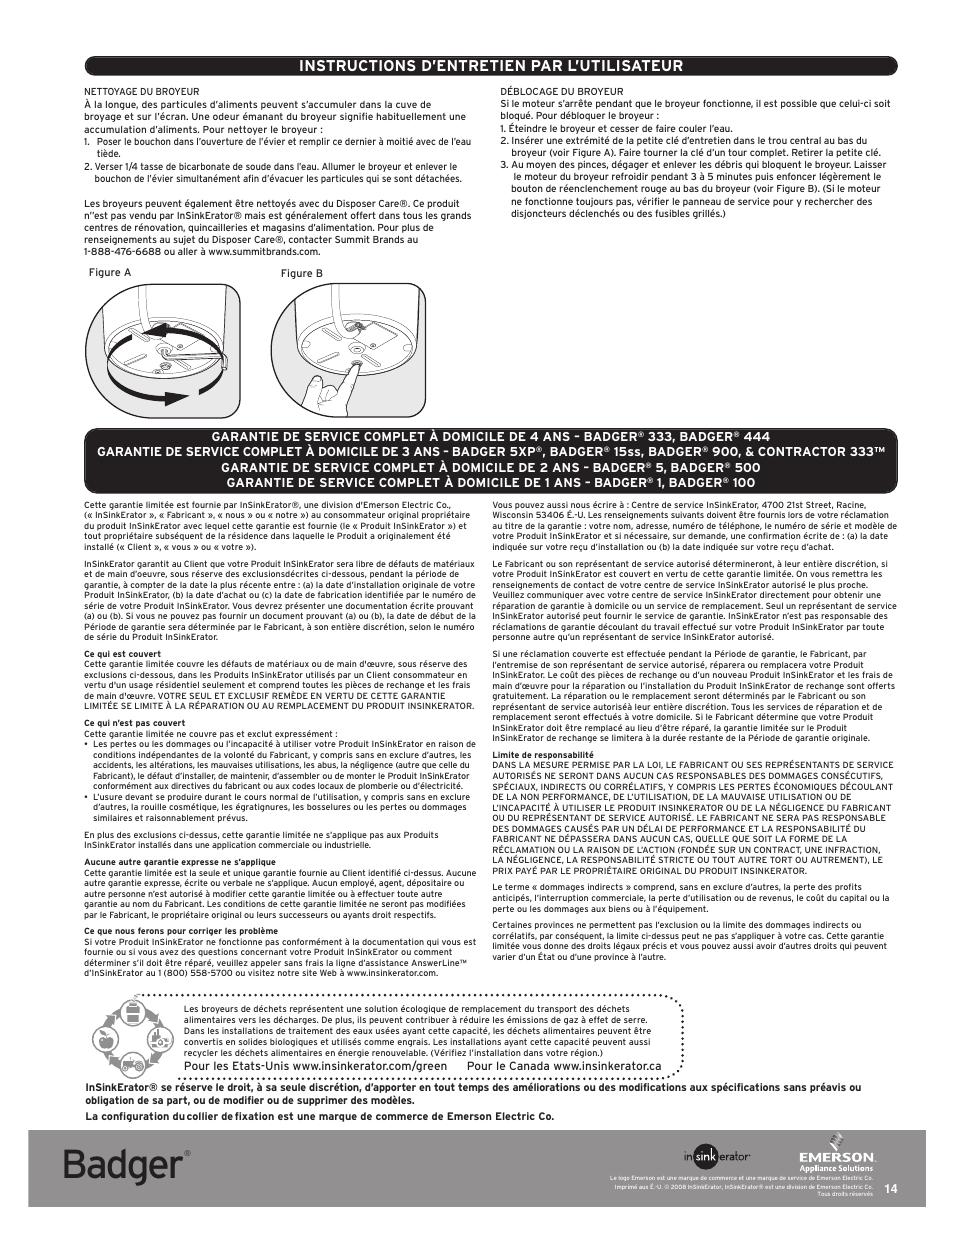 Badger, Instructions d'entretien par l'utilisateur | InSinkErator Badger 5 User  Manual